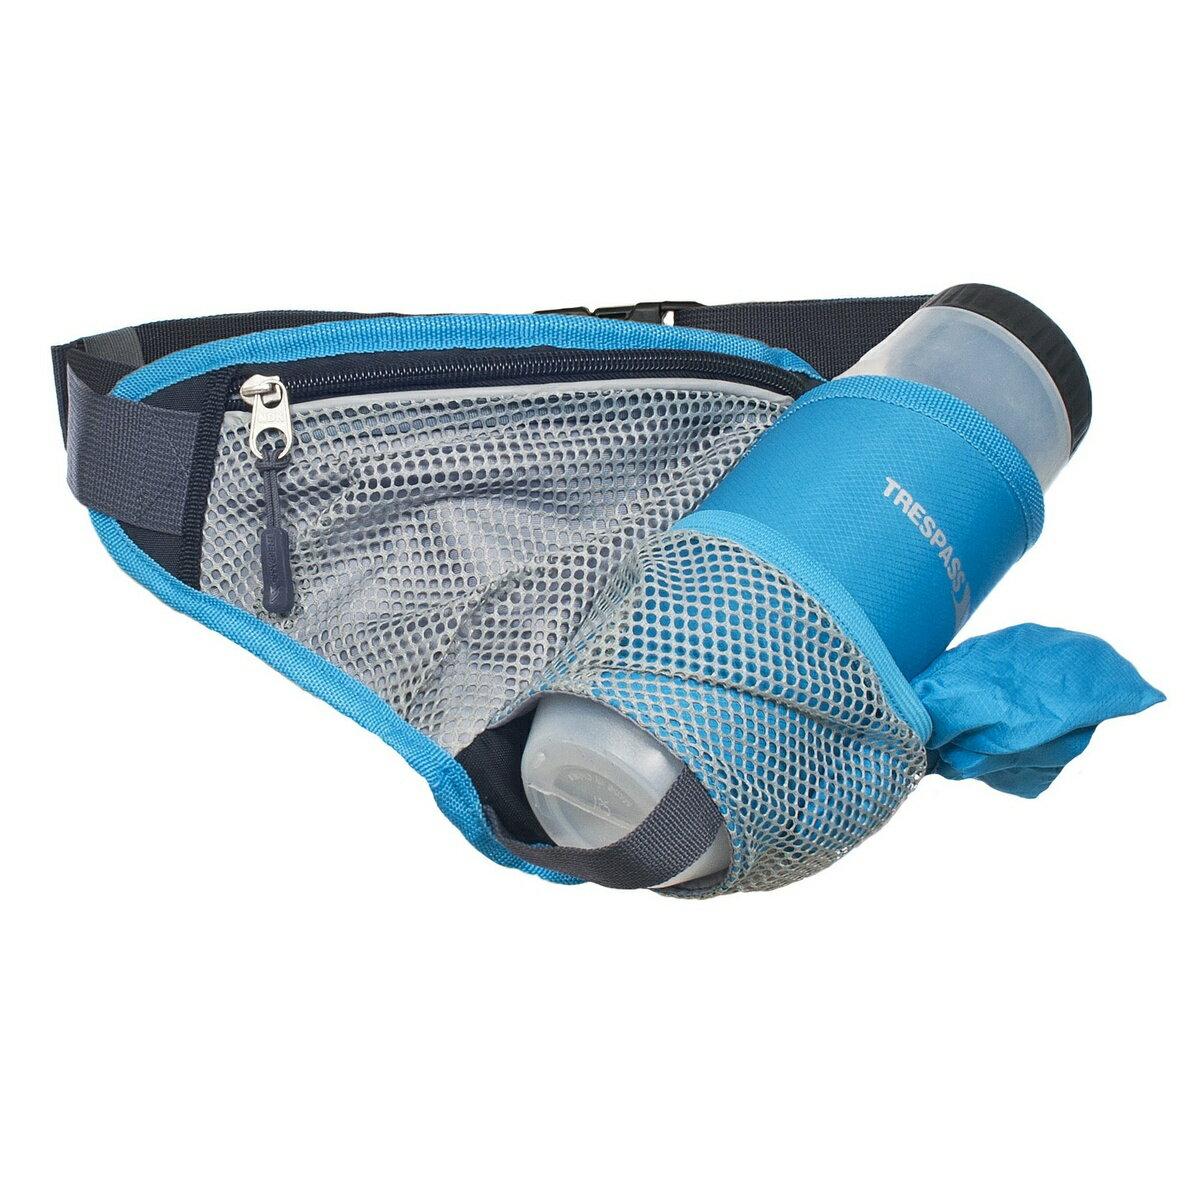 (トレスパス) Trespass ワディー 700mlドリンクボトル(BPAフリー)つき スポーツ ウエストポーチ ウエストバッグ ヒップパック 【楽天海外直送】